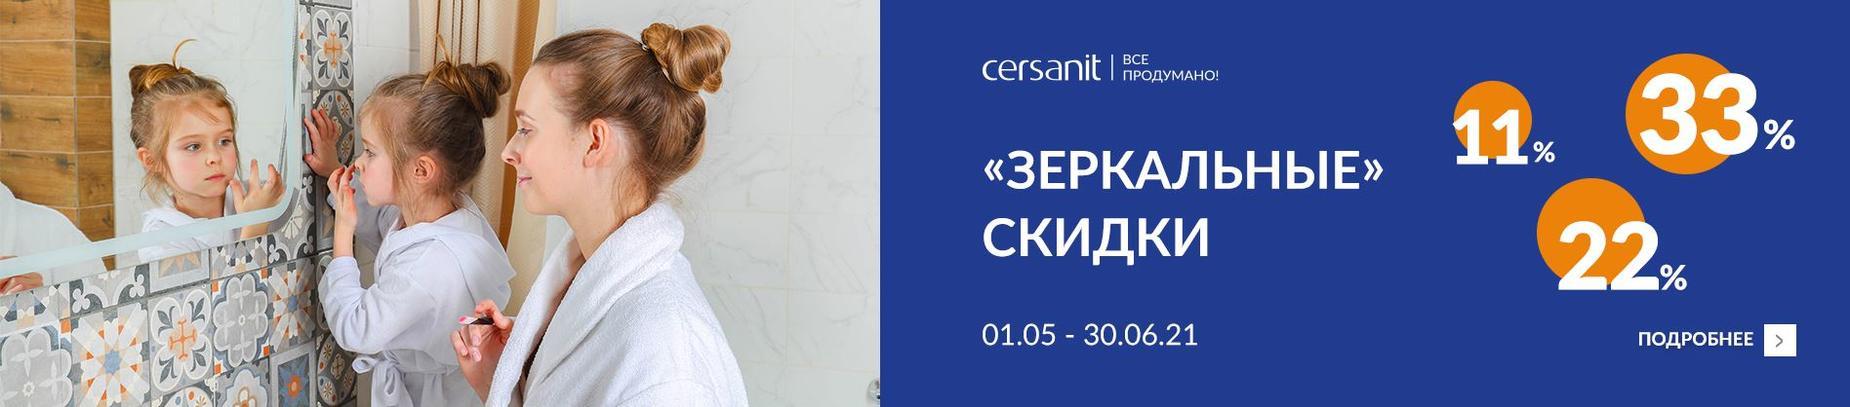 С 1 апреля – 31 мая будет проводится акция CERSANIT «Дай пять»..